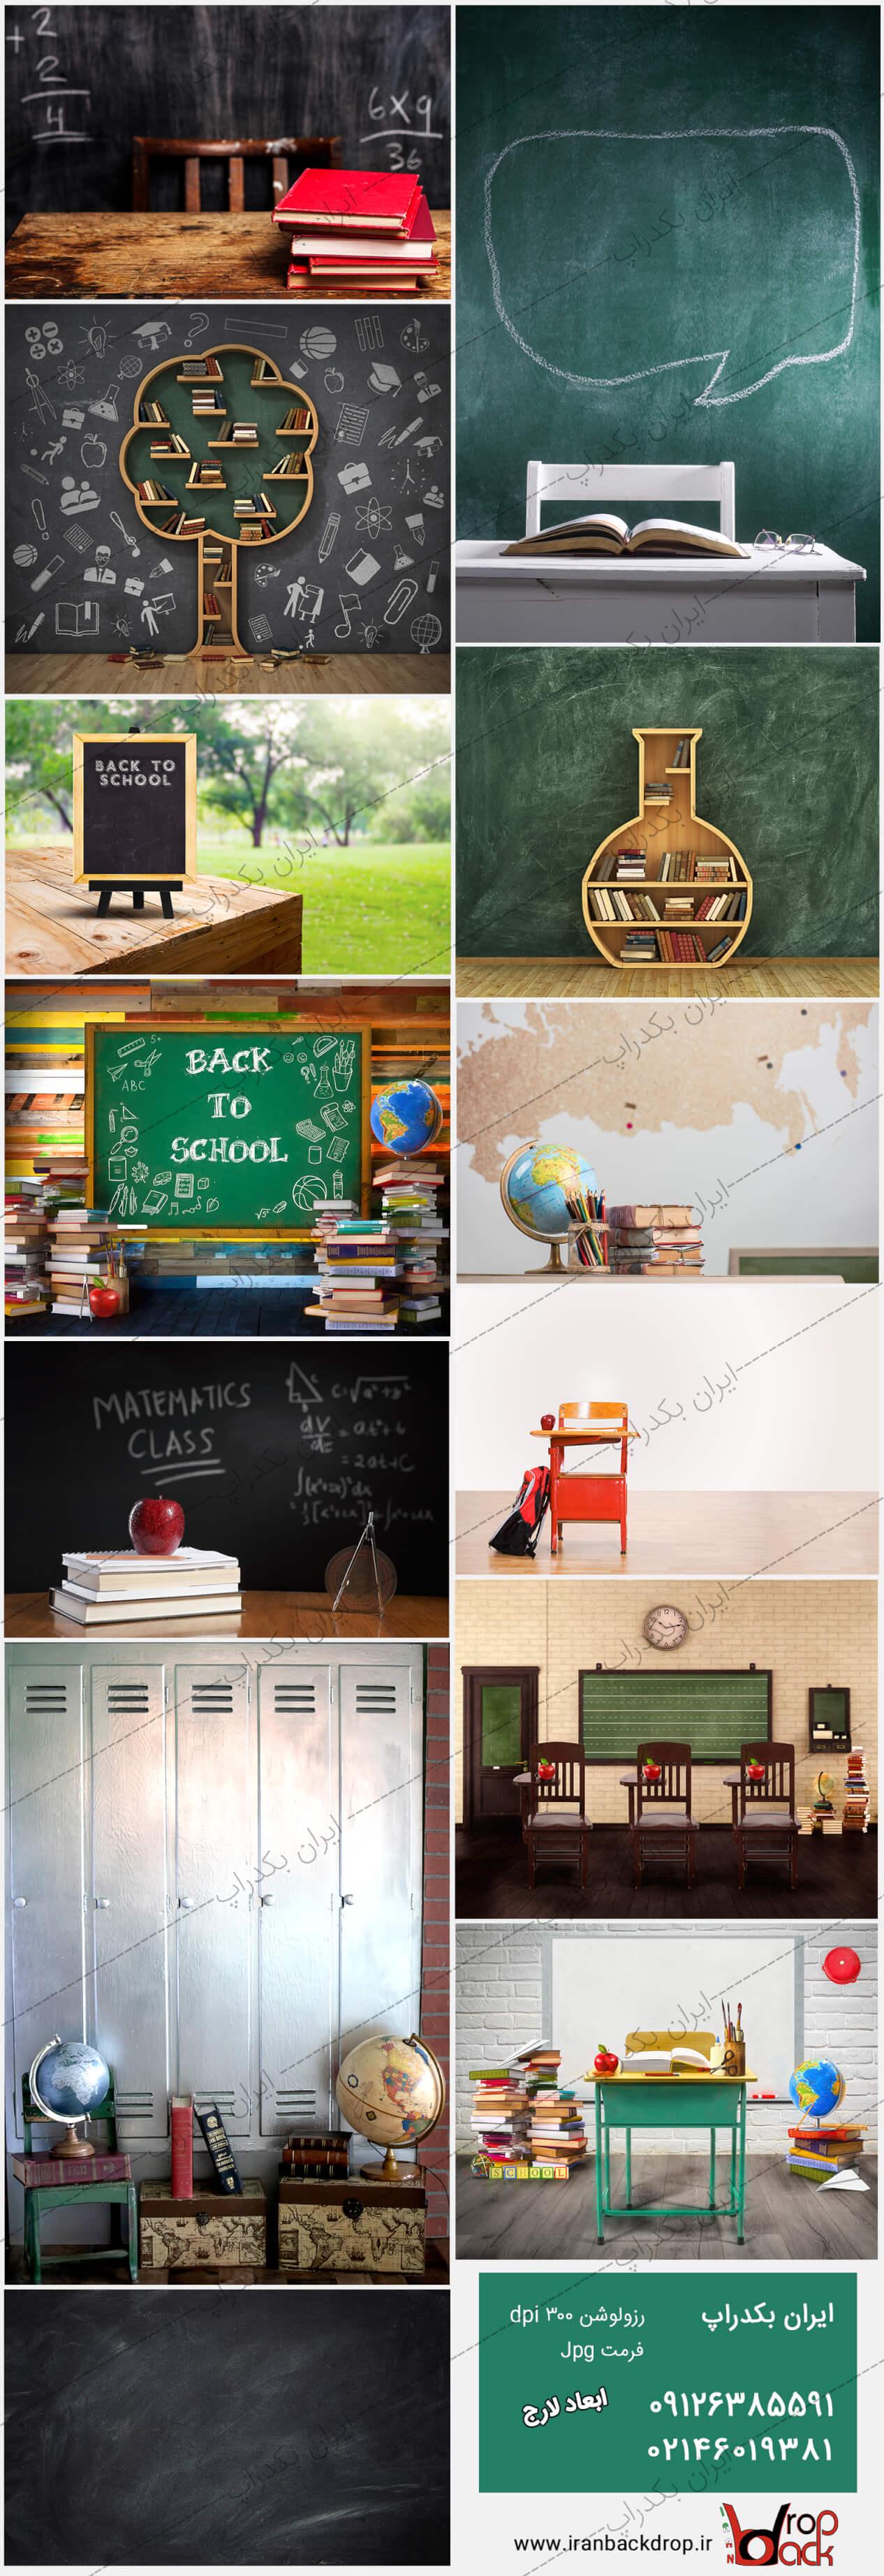 مجموعه بک های مدرسه